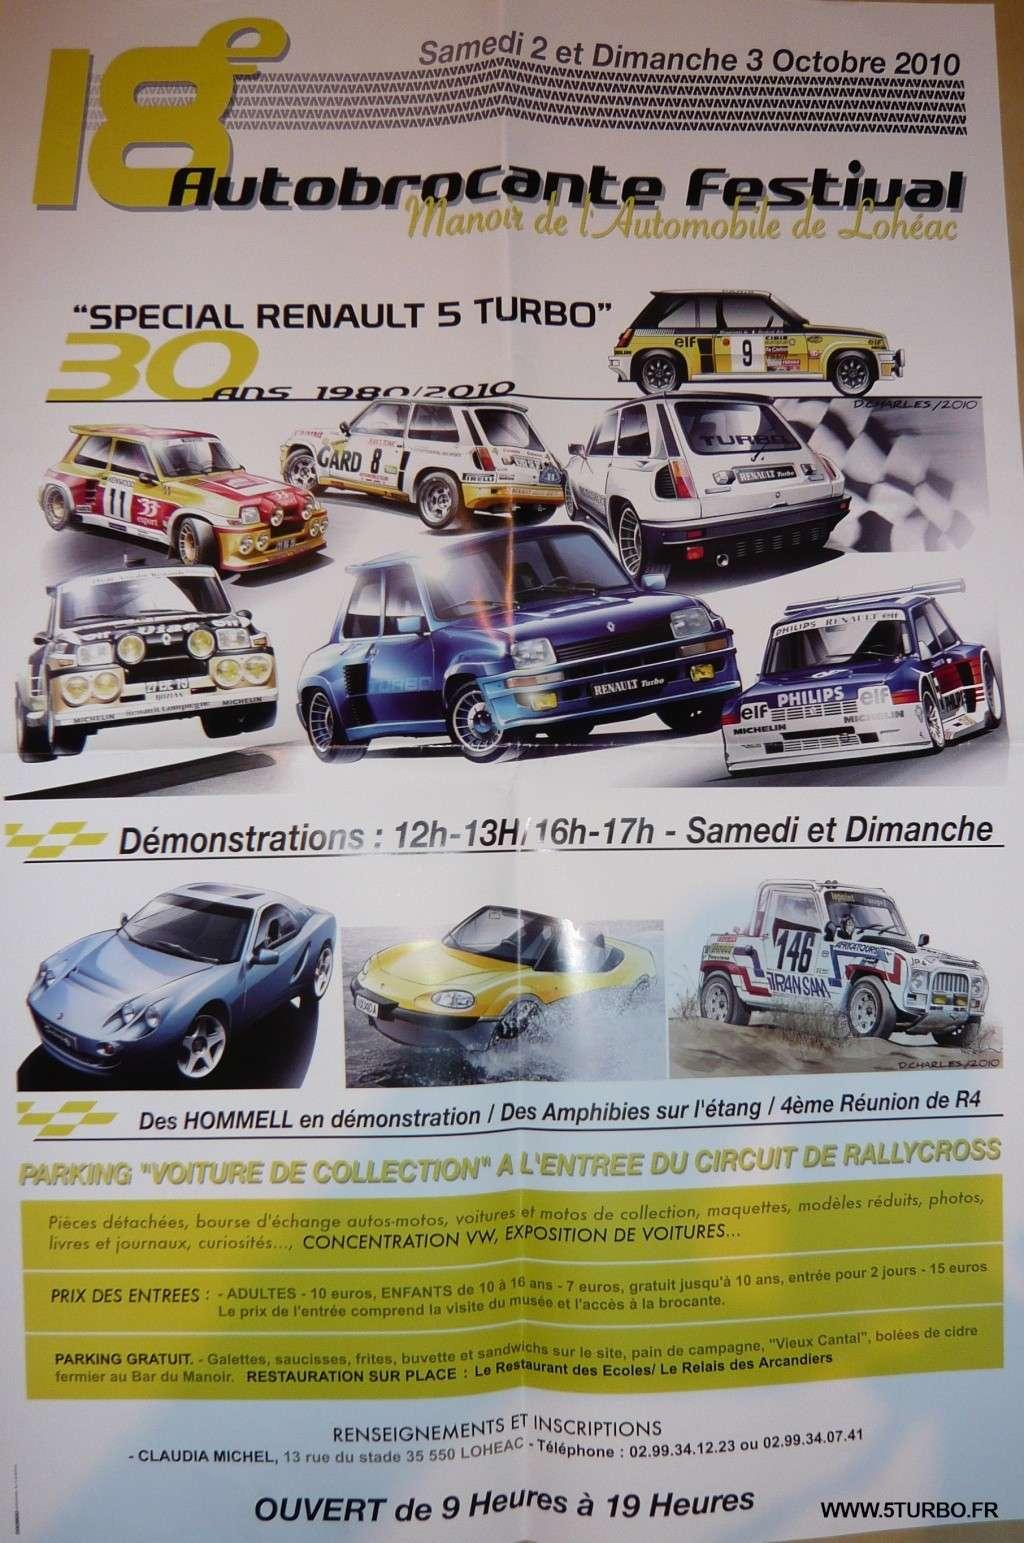 18eme AUTOBROCANTE loheac 02-03 Octobre 2010 P1090310